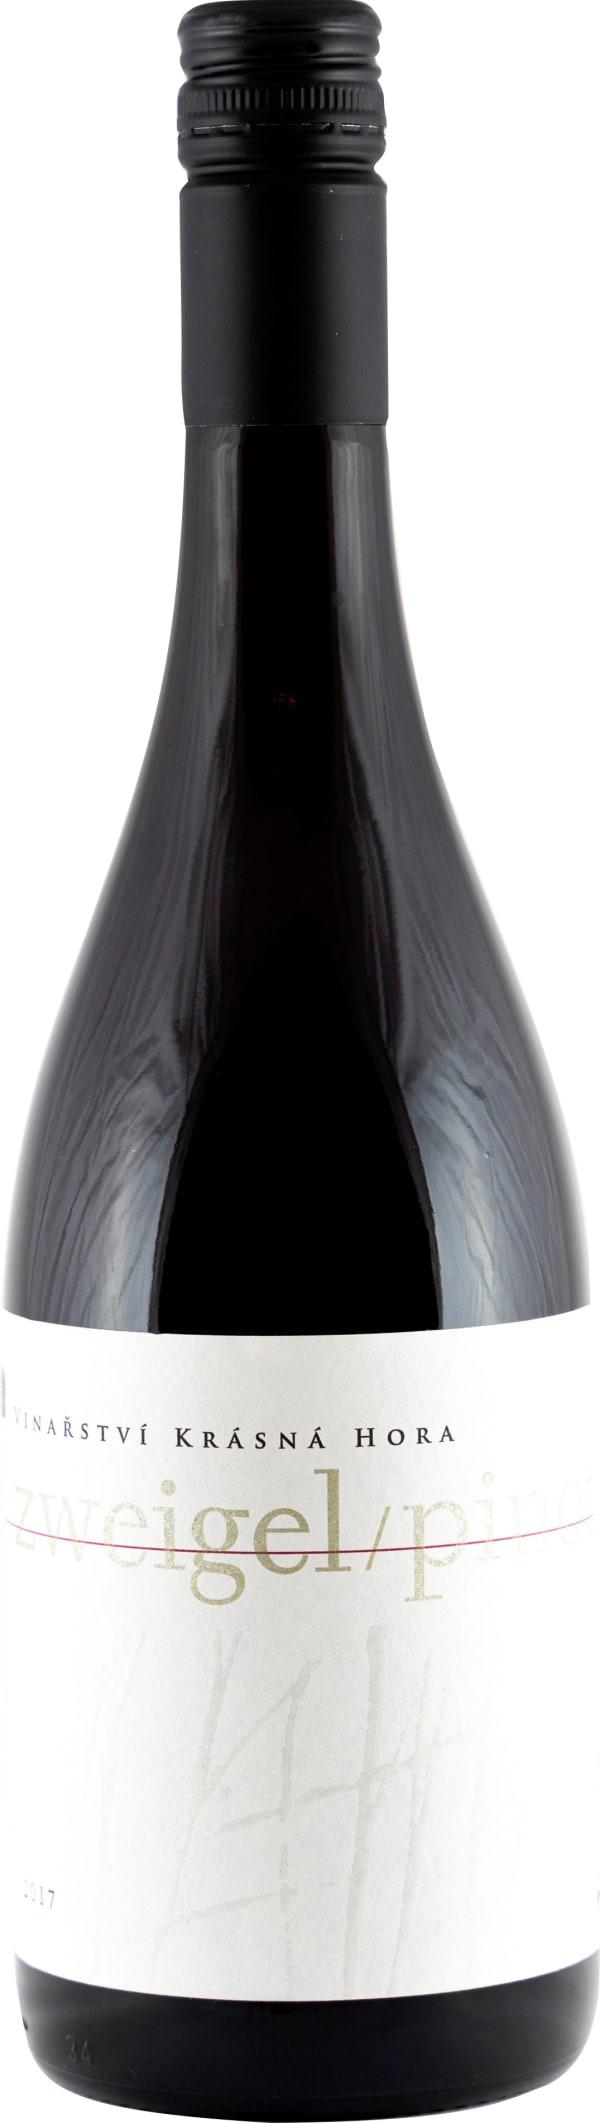 Krasna Hora Zweigel/Pinot Noir 2017